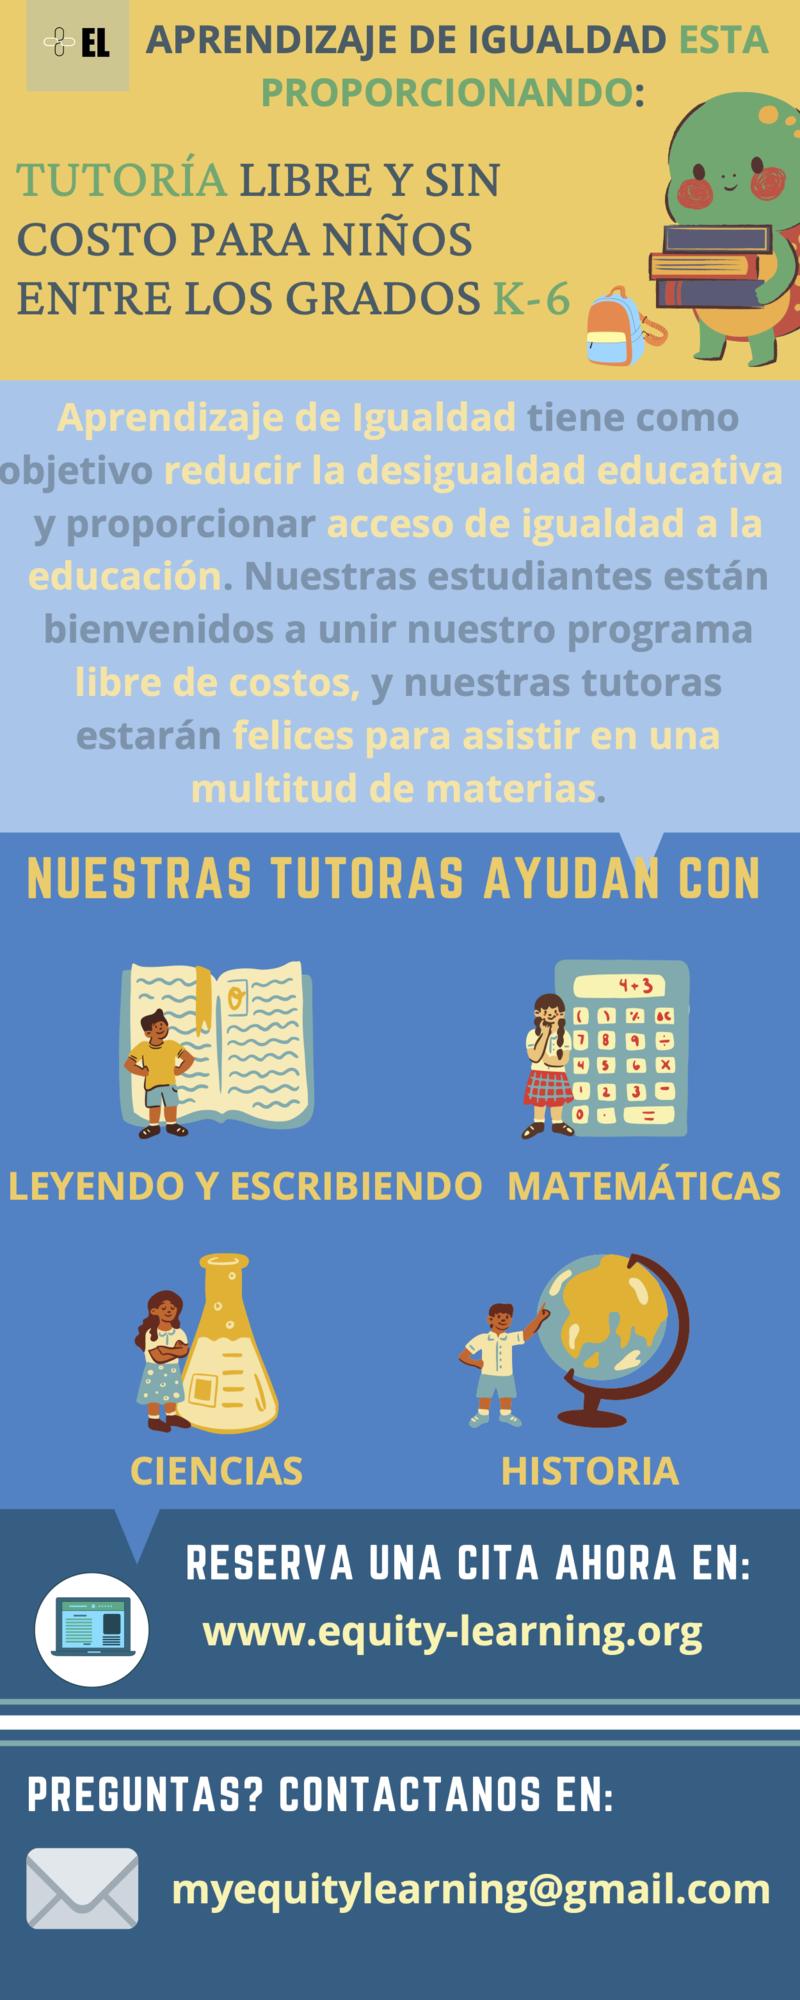 Free tutoring information